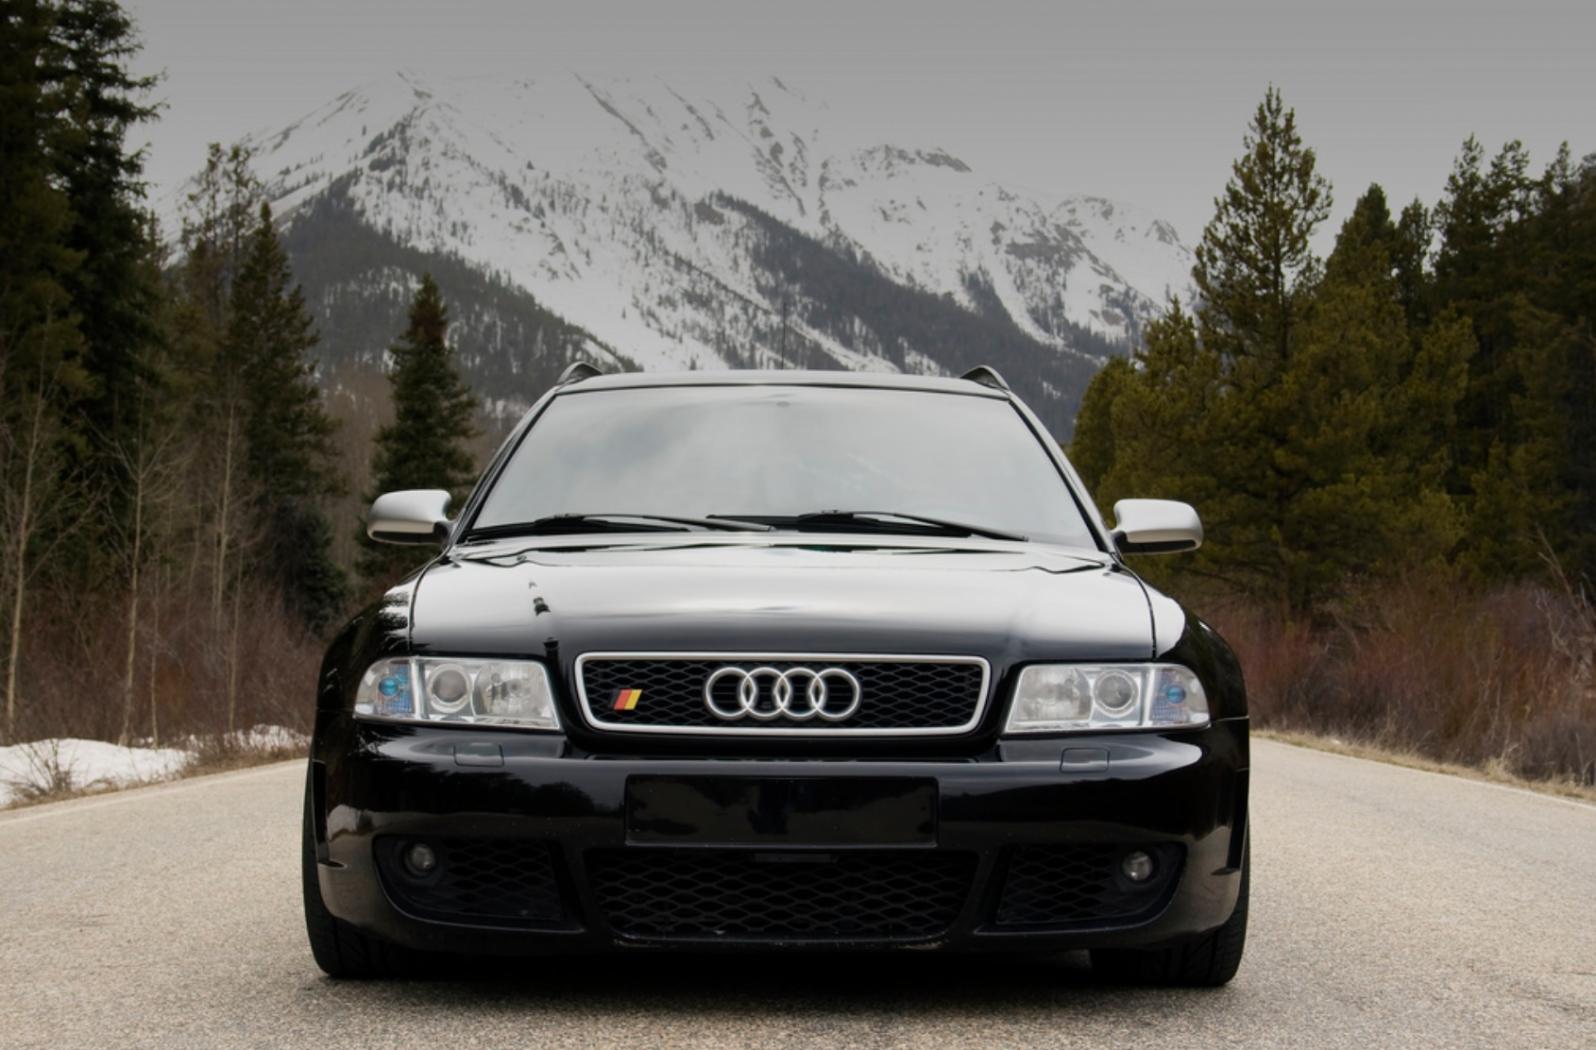 Audi RS4 B5 7